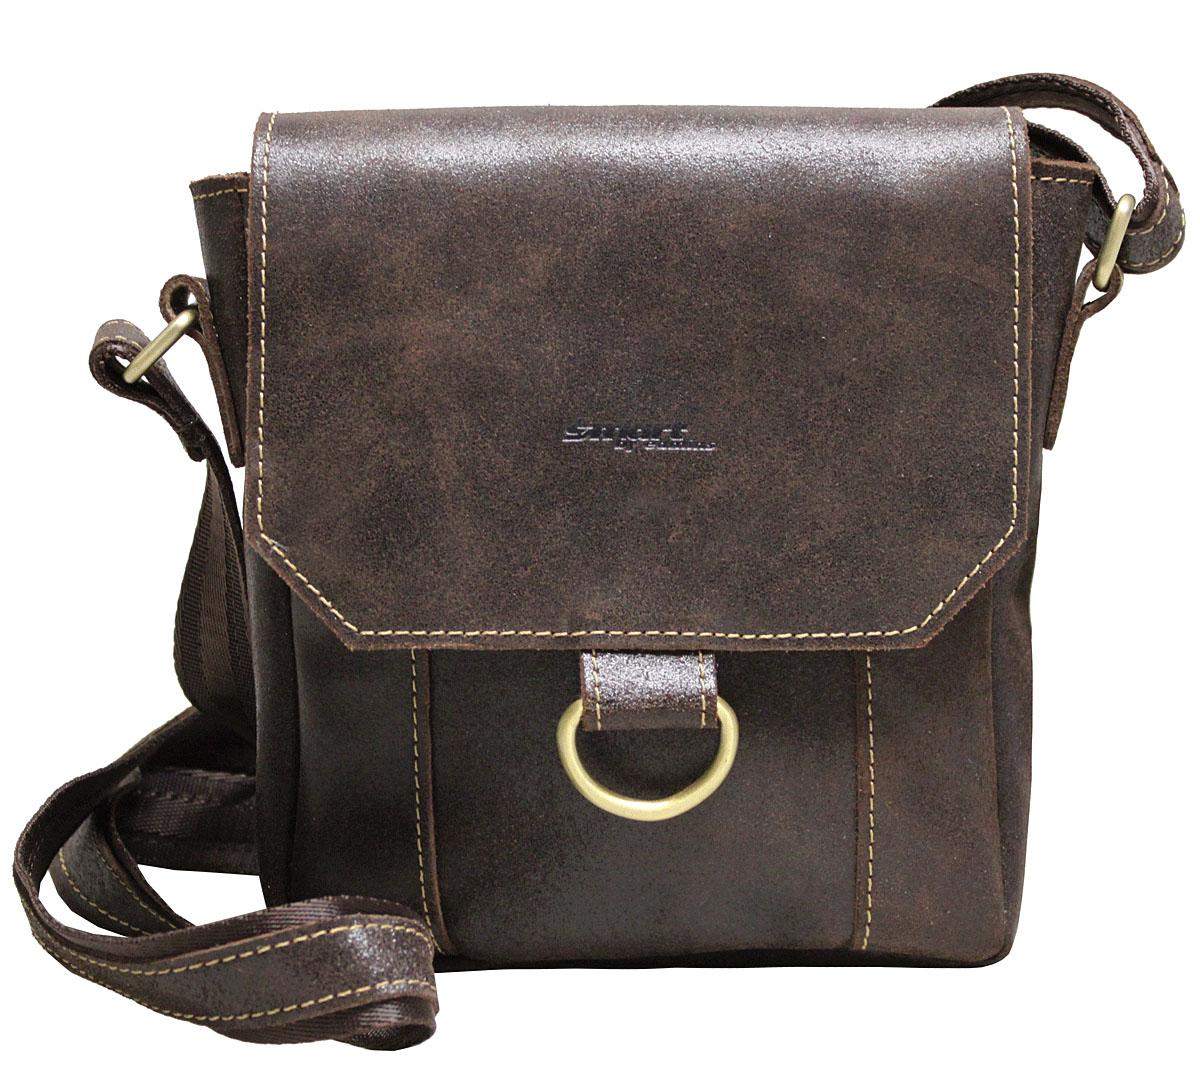 Сумка-планшет мужская Edmins Smart by Edmins, цвет: коричневый. 15С671КЗKV996OPY/MМужская сумка Edmins имеет одно отделение, закрывающееся на застежку-магнит. Оснащена регулируемым плечевым ремнем. Внутри сумки расположен прорезной карман на застежке-молнии.